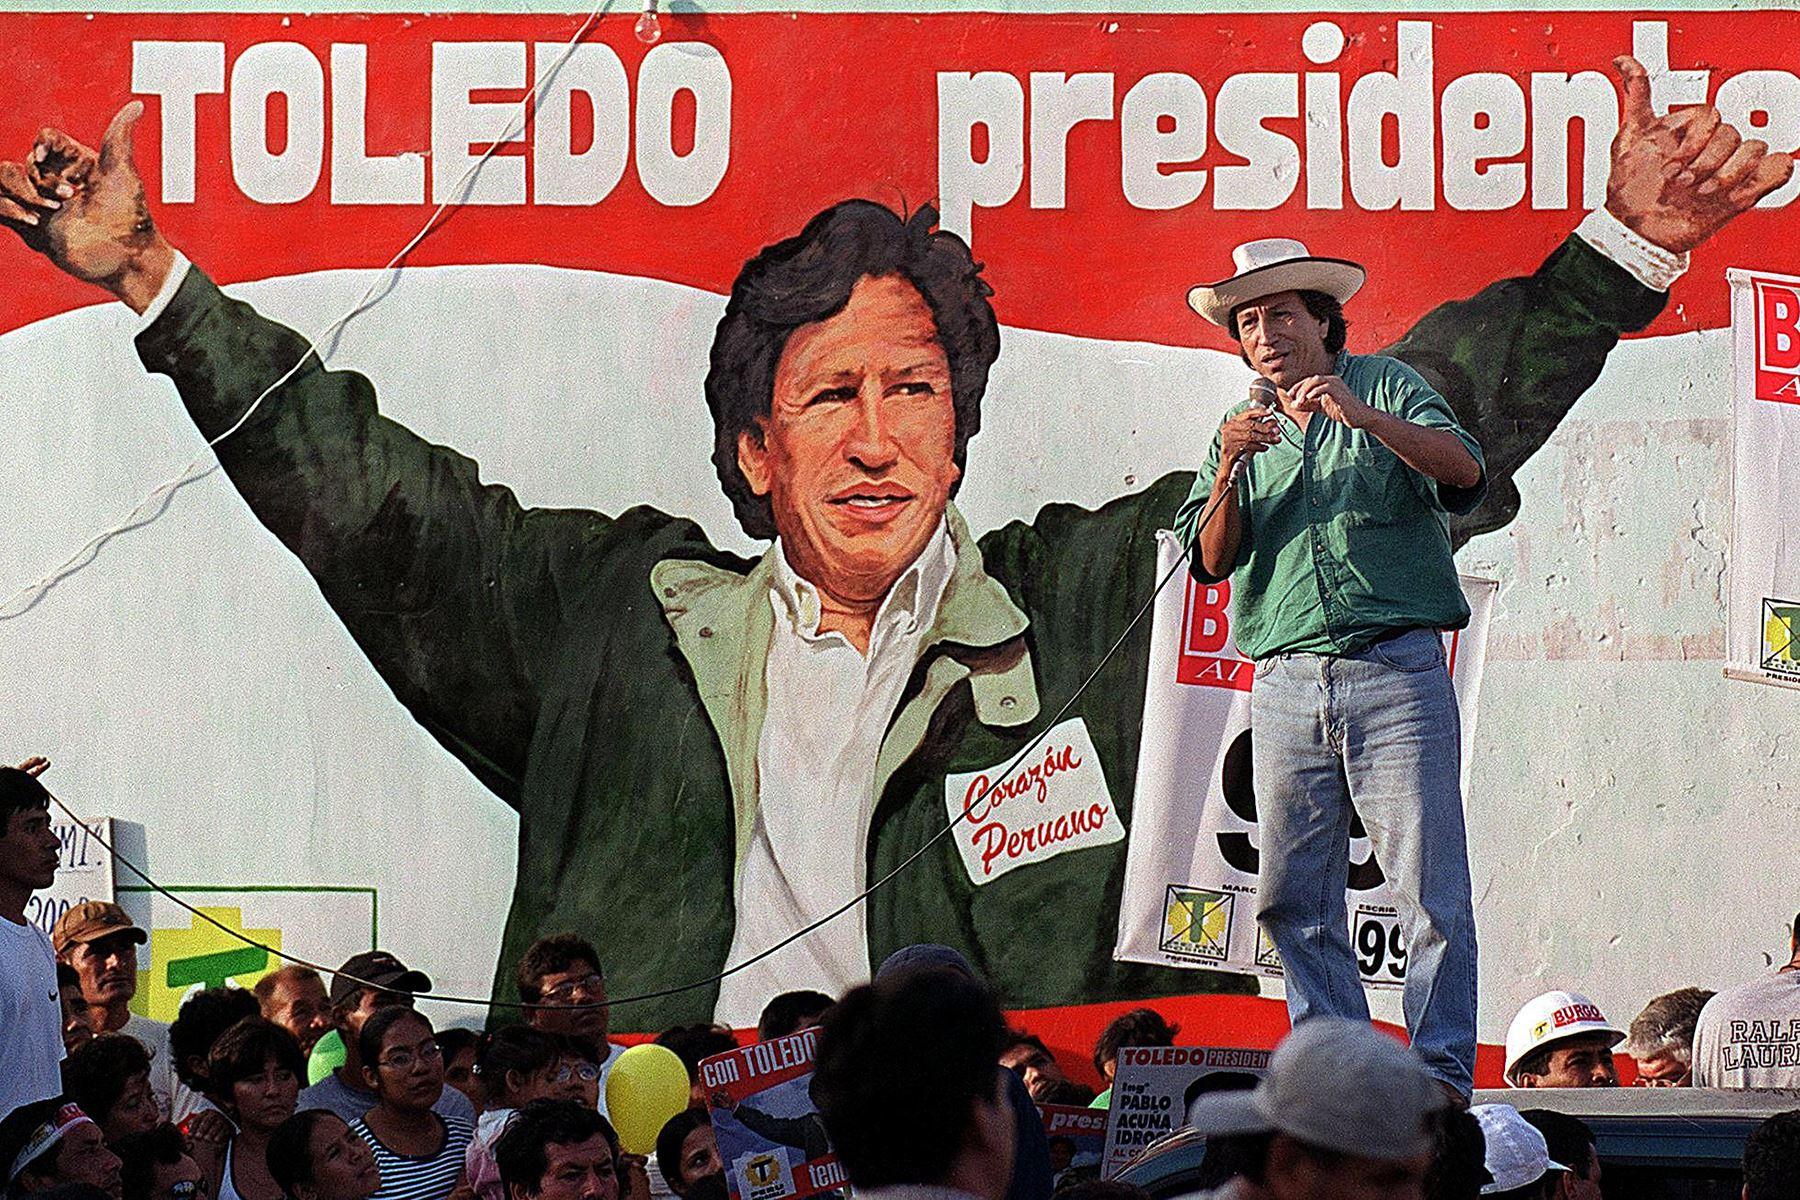 Alejandro Toledo, dando un discurso en la ciudad de Chiclayo el 17 marzo 2000. Toledo disputará con el presidente y el candidato Alberto Fujimori las elecciones del 09 de Abril próximo.  Foto: AFP